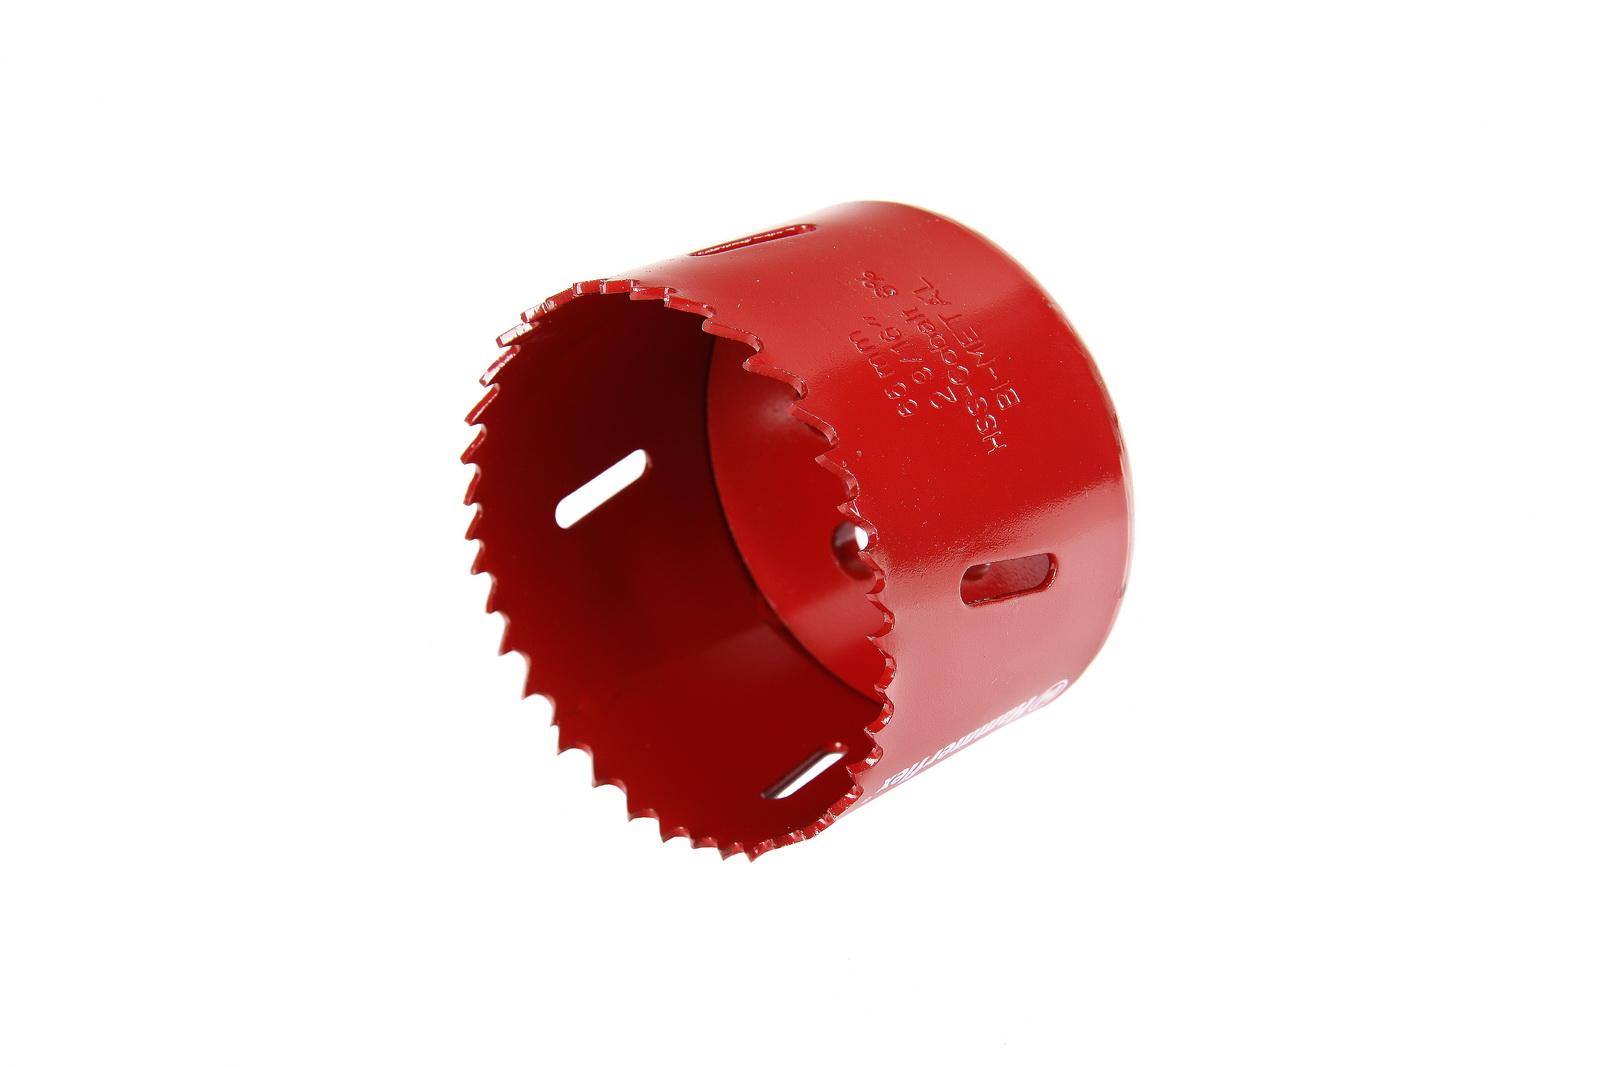 Коронка биметаллическая Hammer Ф65мм резьба под адаптер (224-012 bimetall)